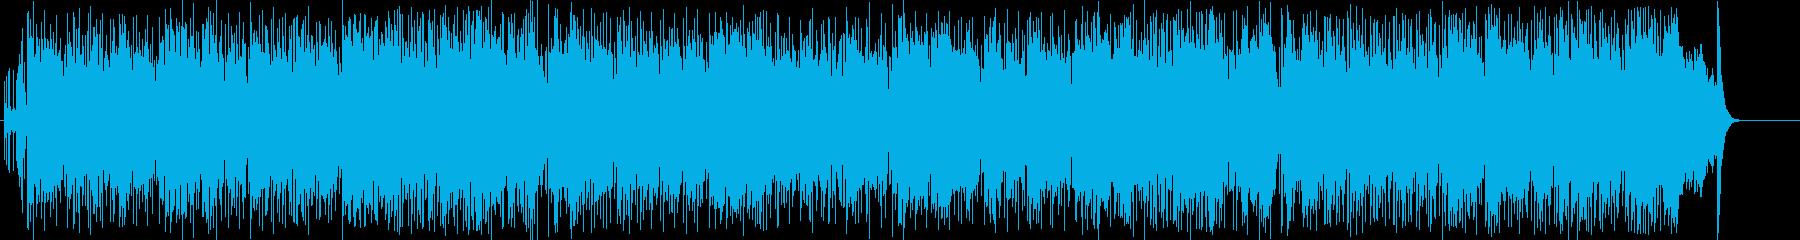 青い空とダイナミックスポーツのイメージの再生済みの波形